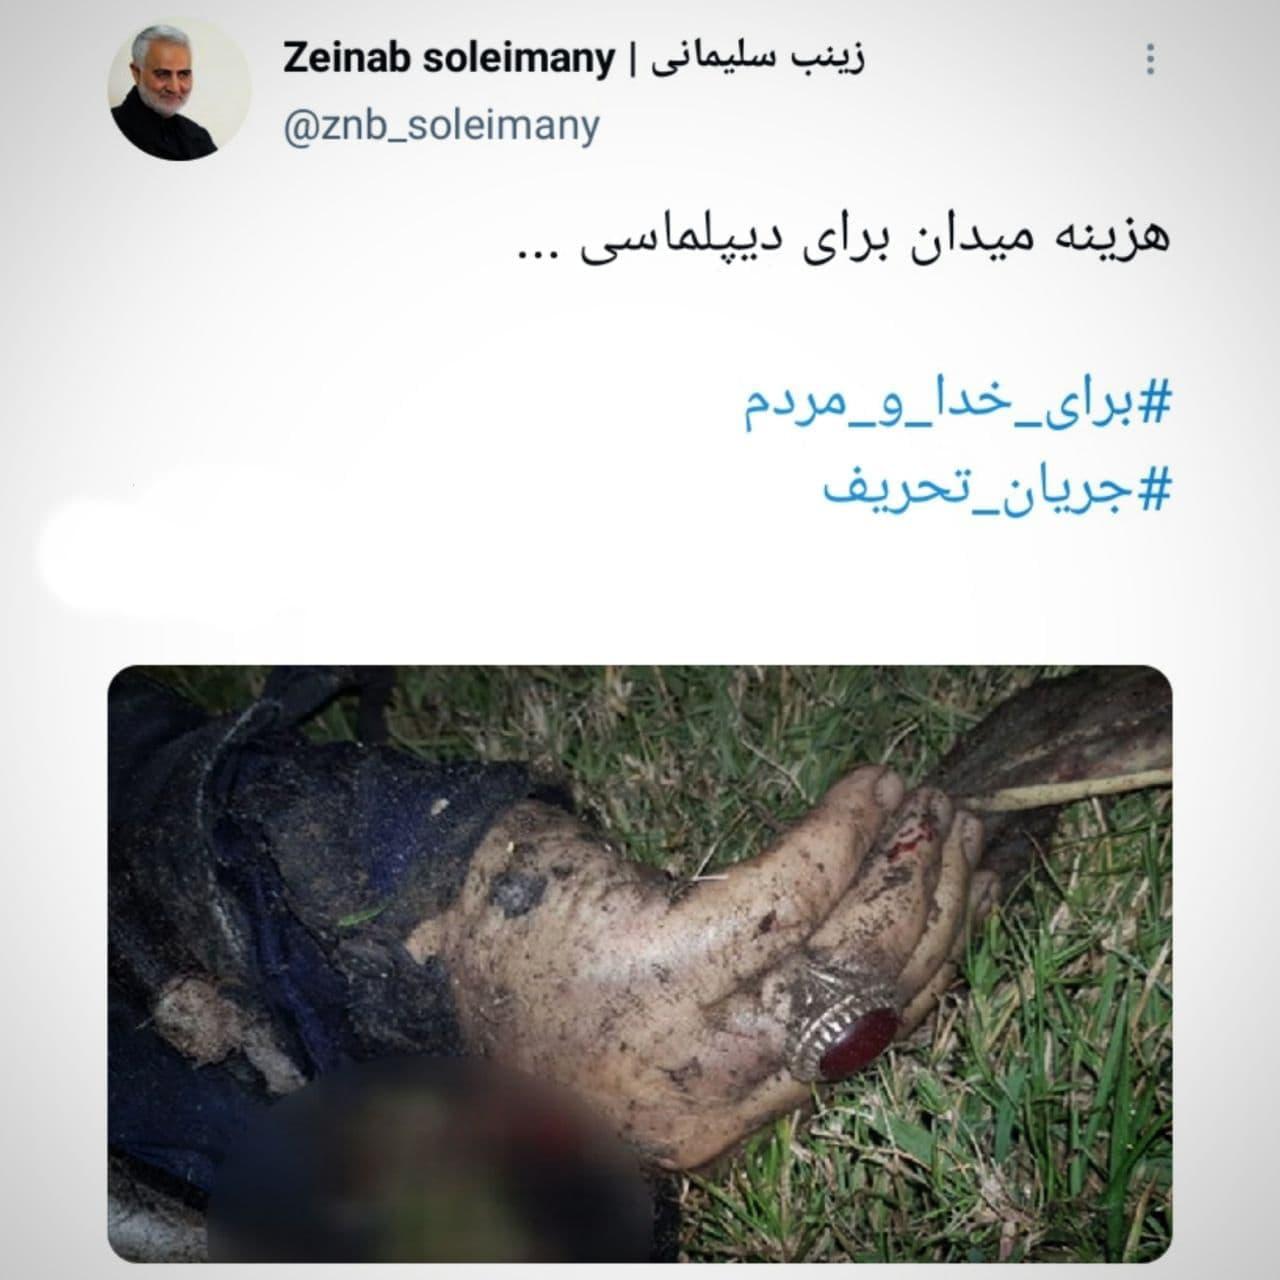 واکنش فرزند شهید حاج قاسم سلیمانی به ادعاهای ظریف